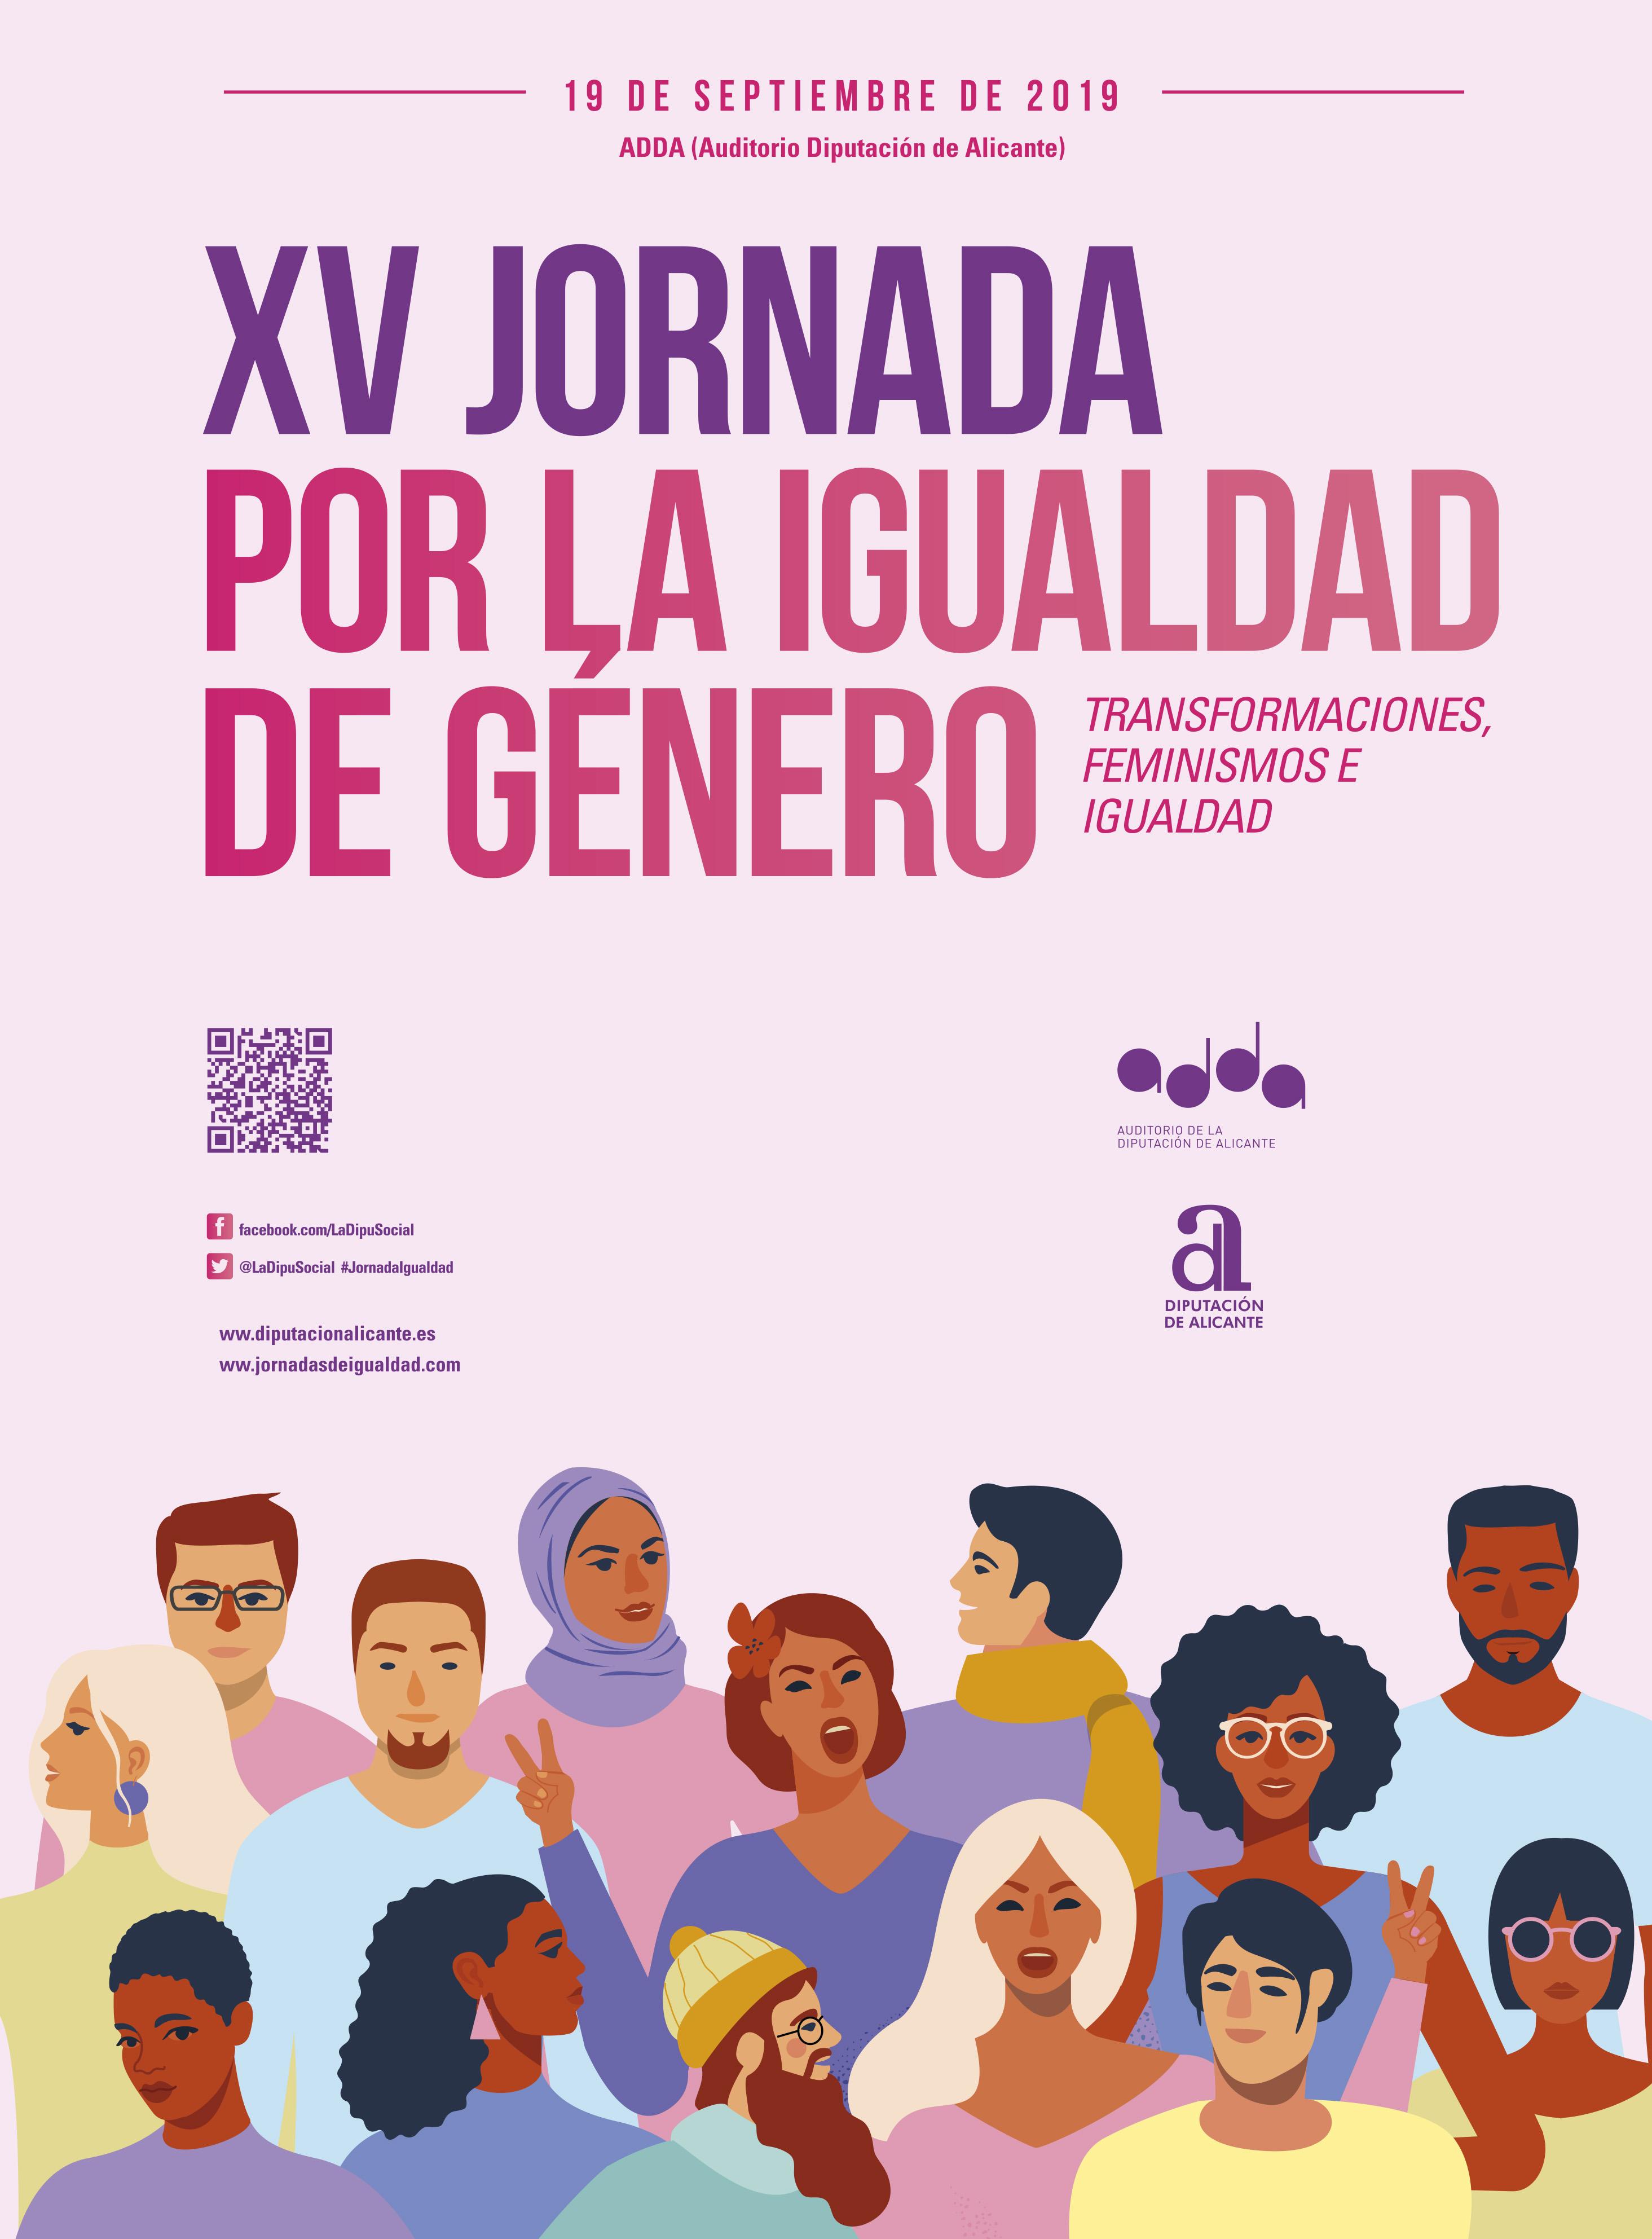 XV JORNADAS POR LA IGUALDAD. TRANSFORMACIONES, FEMINISMOS E IGUALDAD.